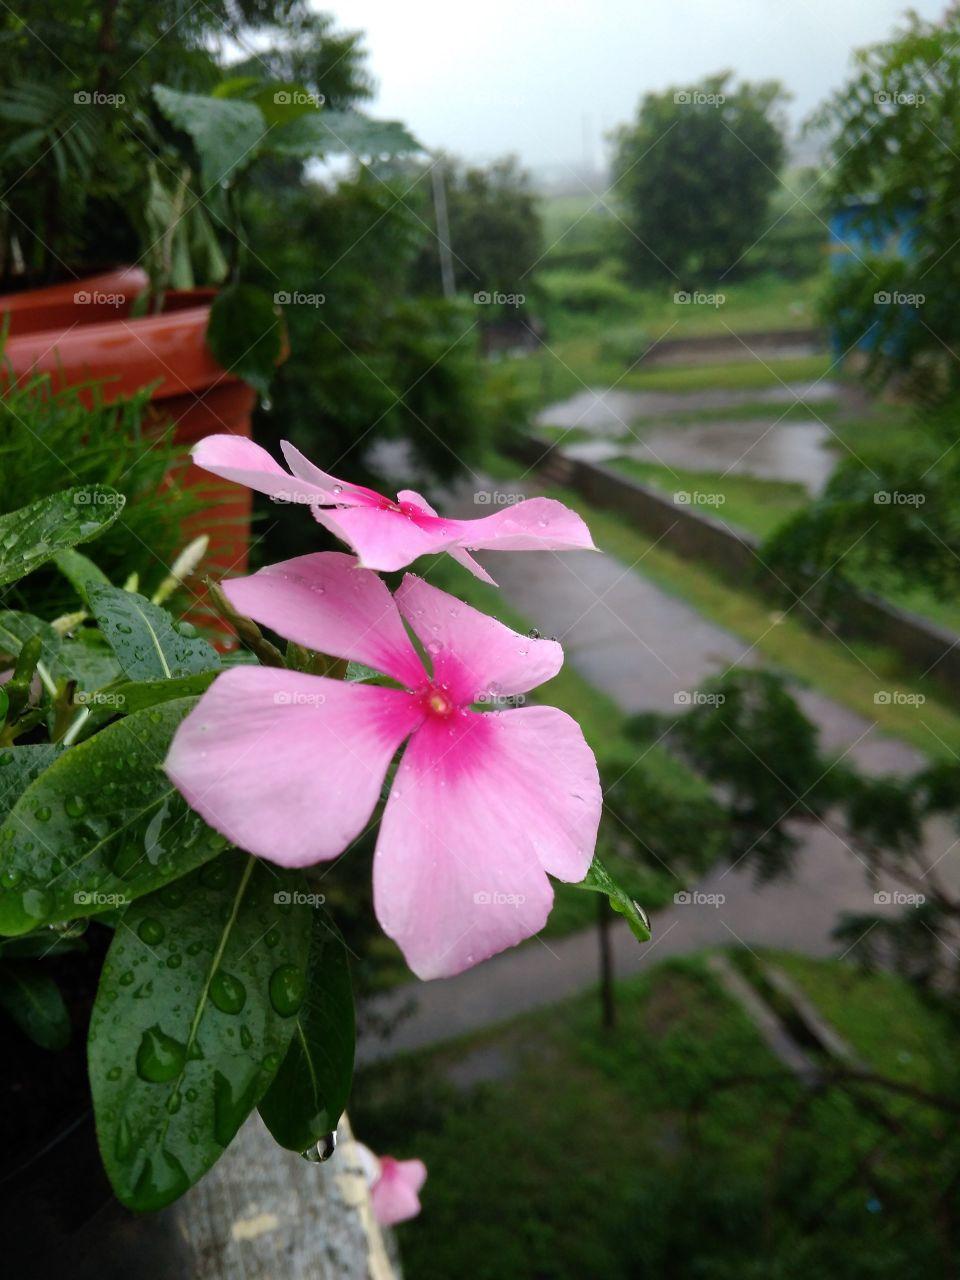 First Rain drops.